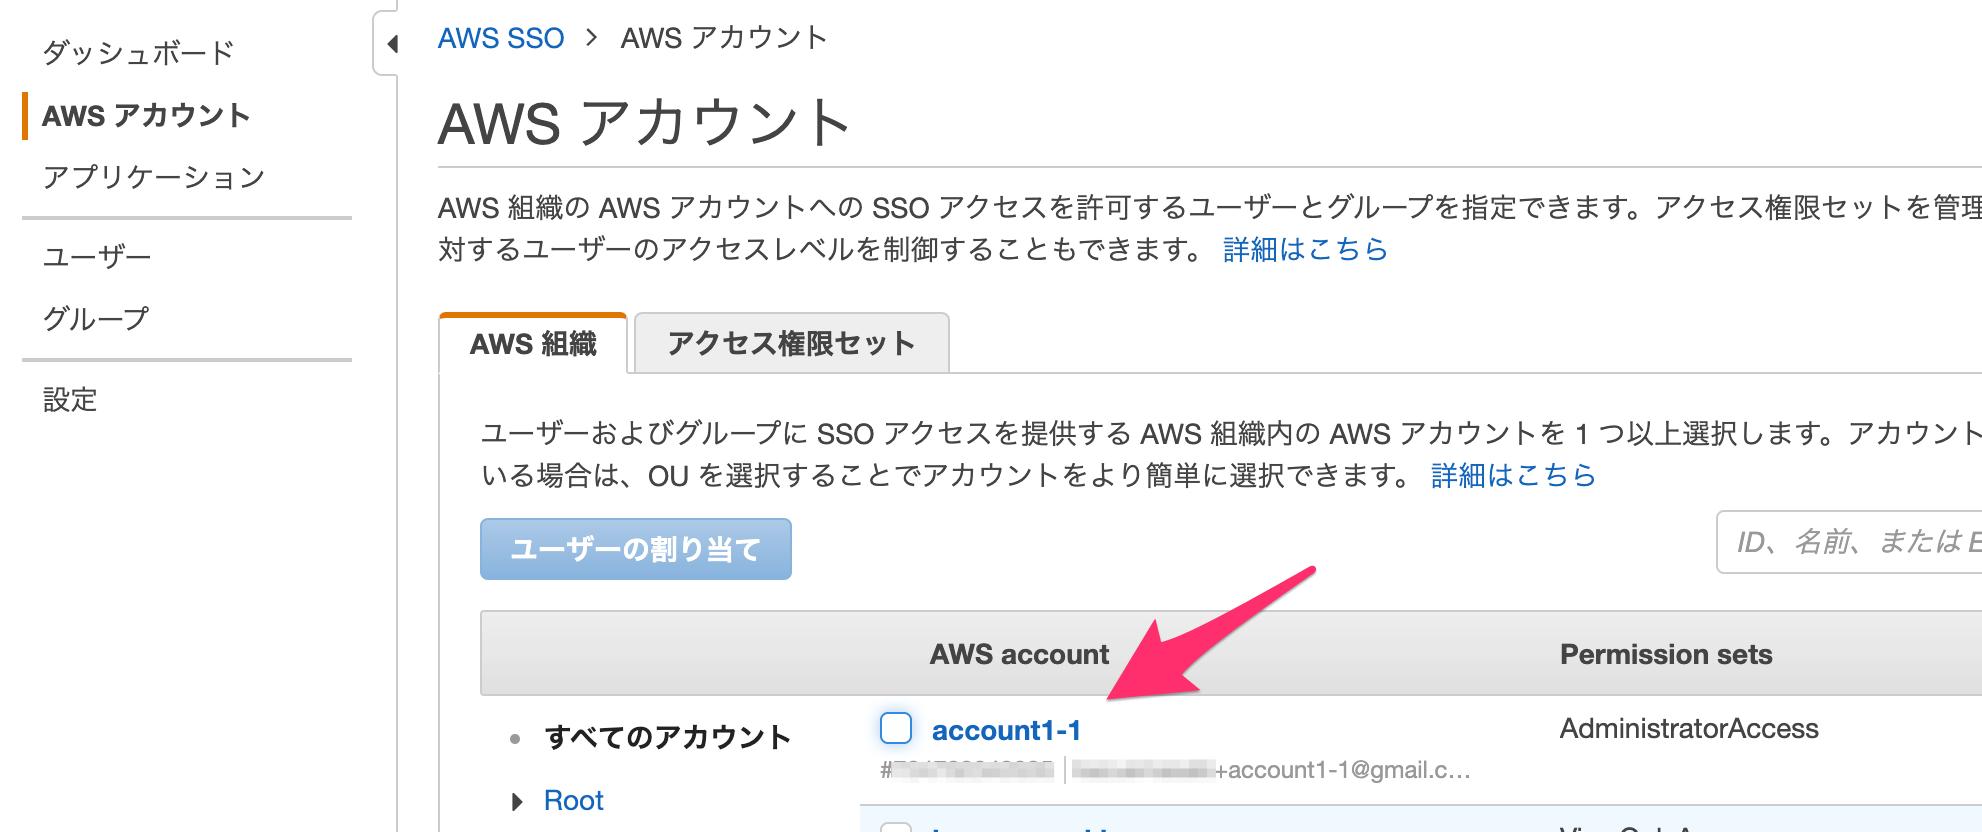 click-account1-1